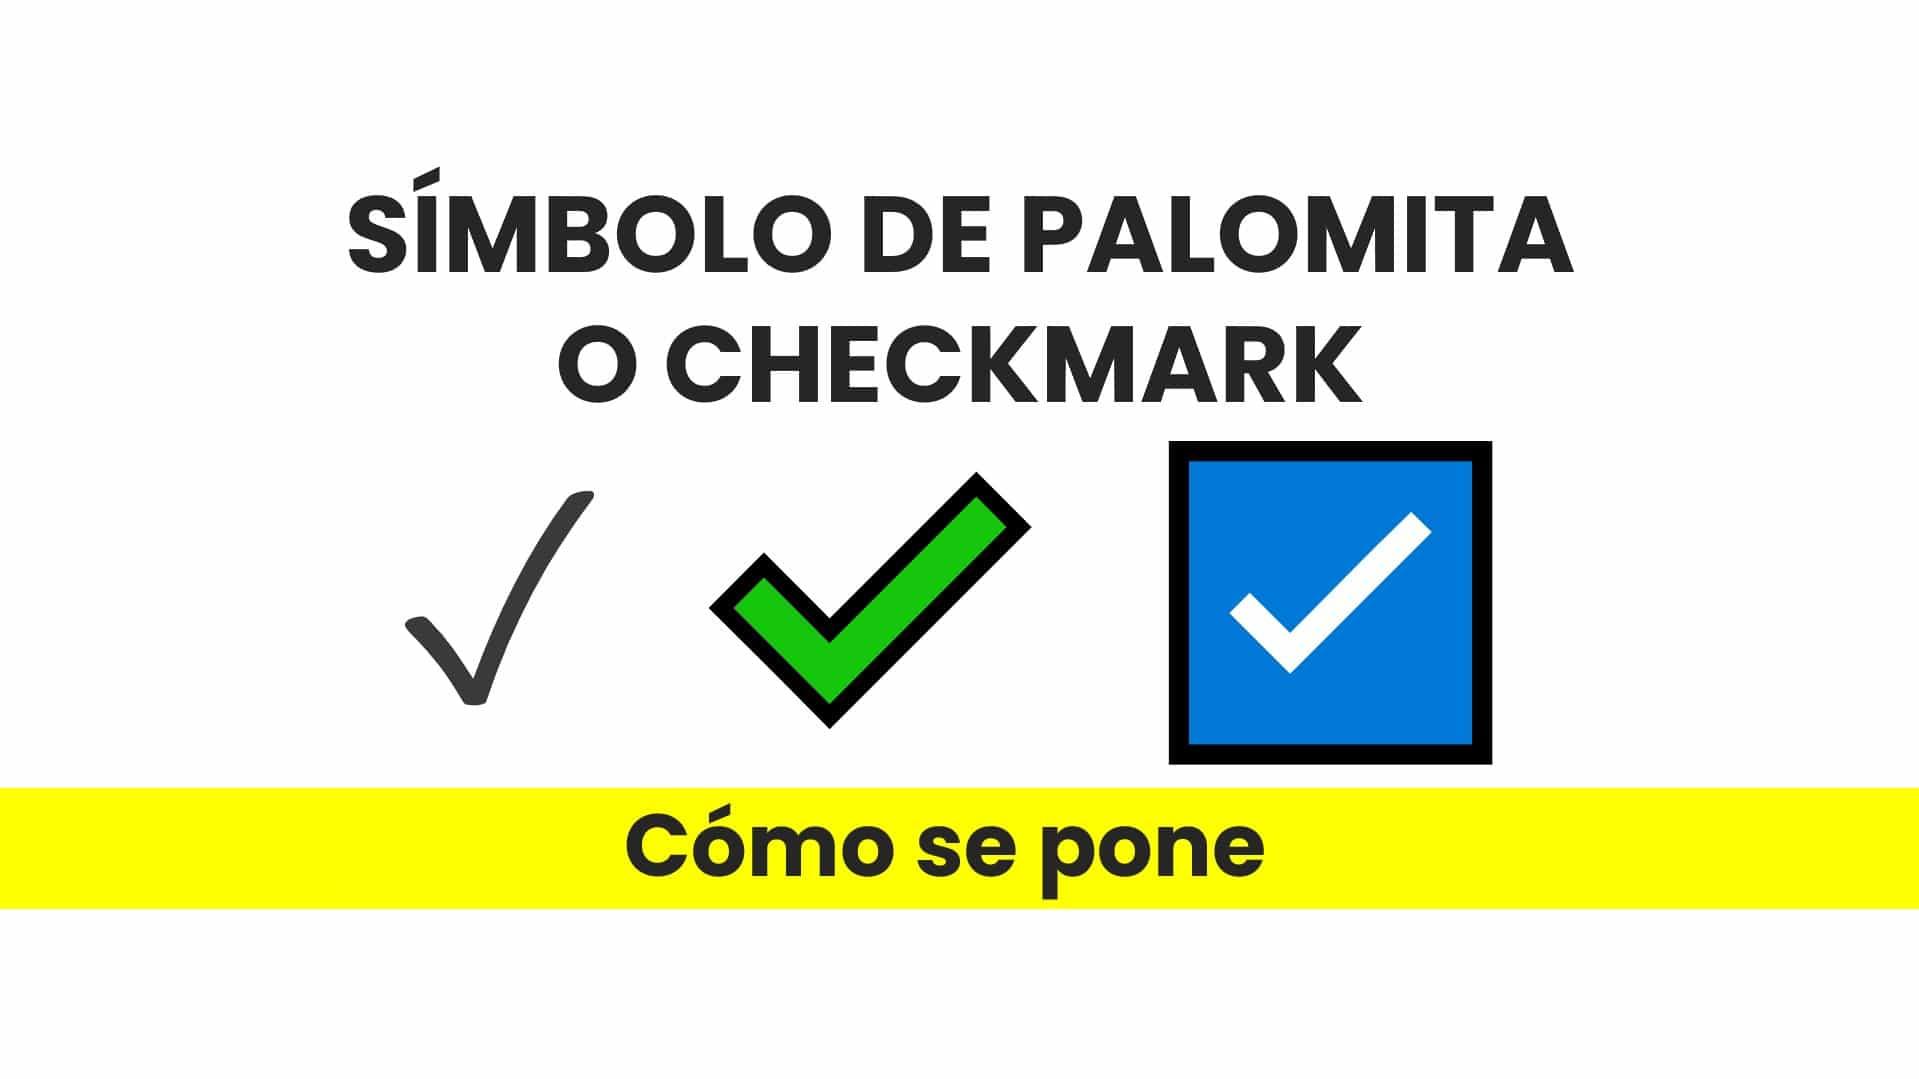 ✅ Cómo poner el símbolo palomita ✓ o checkmark en Excel